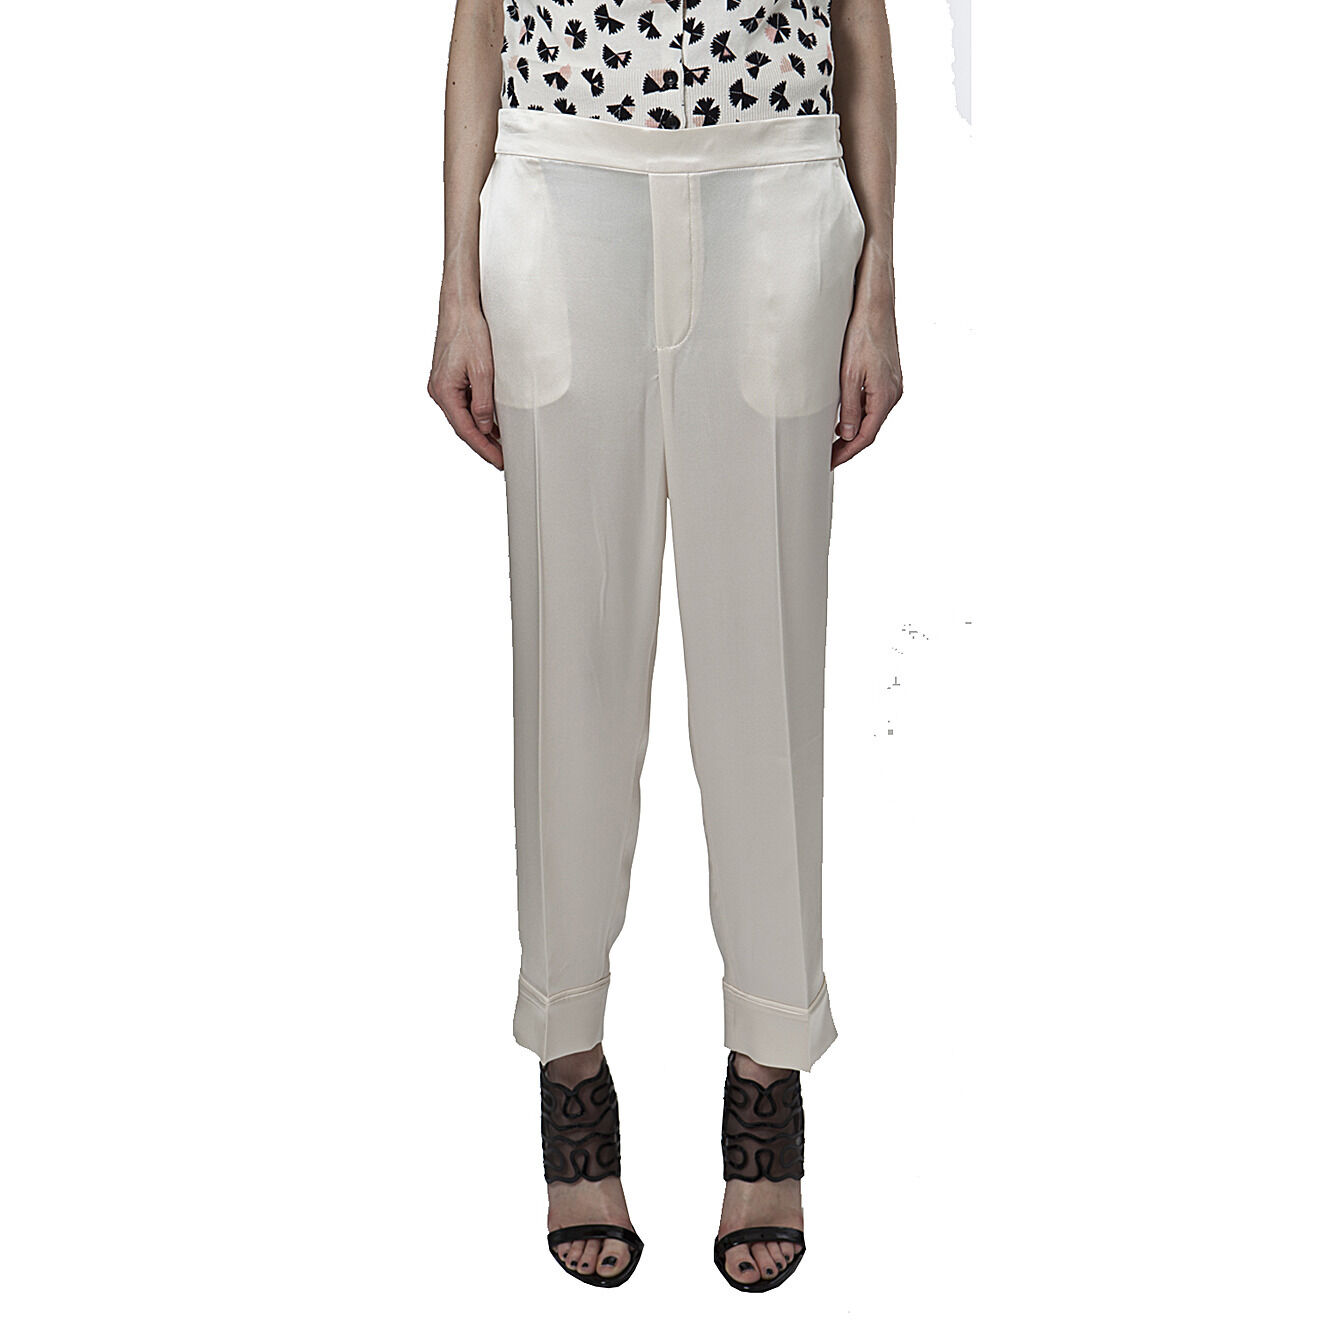 Marc by Marc Jacobs Pantalone crepe Julee, Julee creepe pants